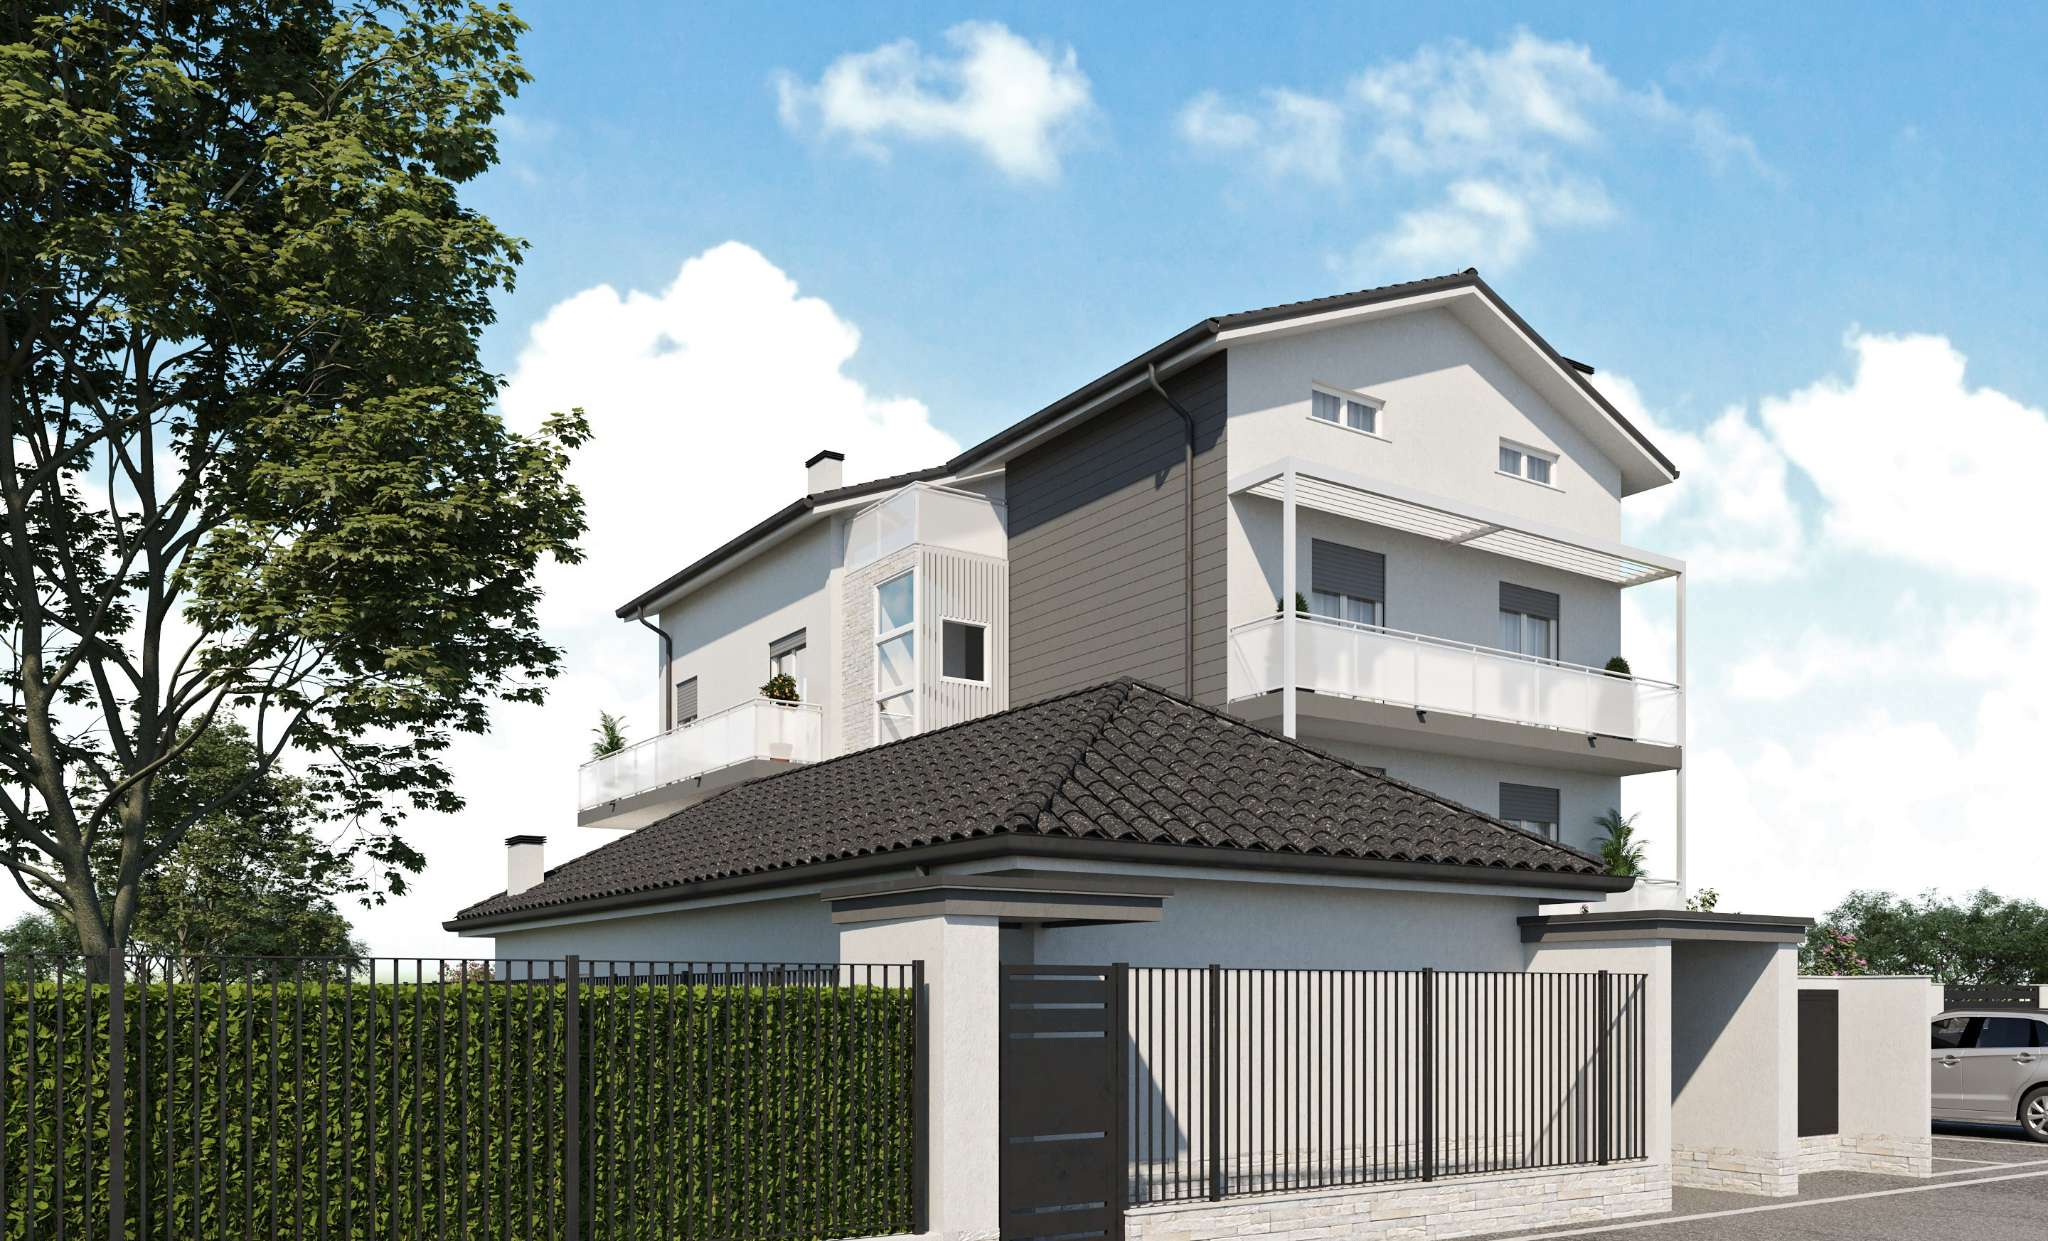 Appartamento in vendita a Cesano Maderno, 2 locali, prezzo € 105.000 | PortaleAgenzieImmobiliari.it